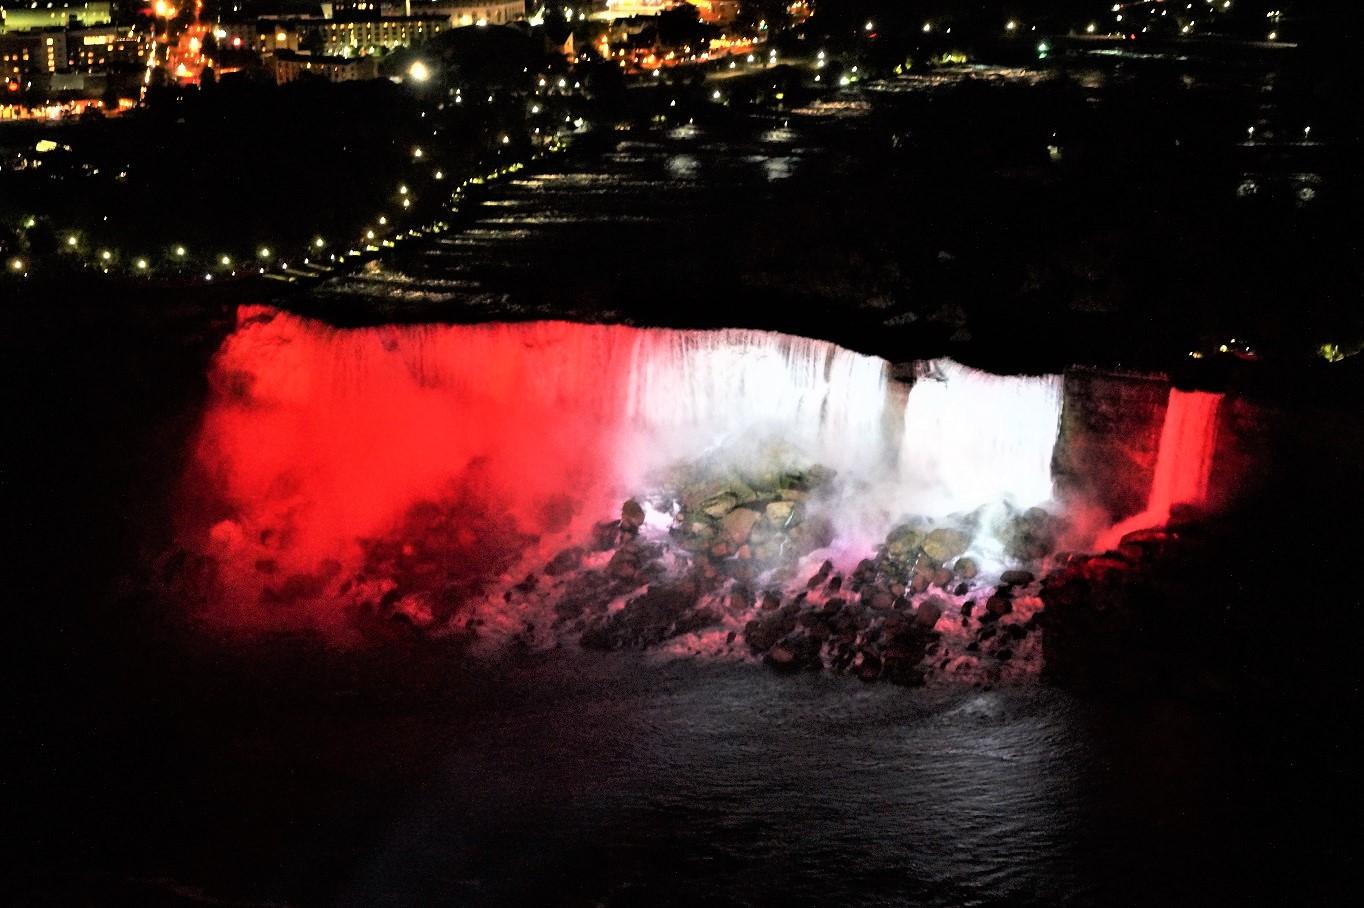 Die American Falls bei Nacht. Bei uns leuchteten sie aufgrund des Canada Days in rot-weiß-rot.